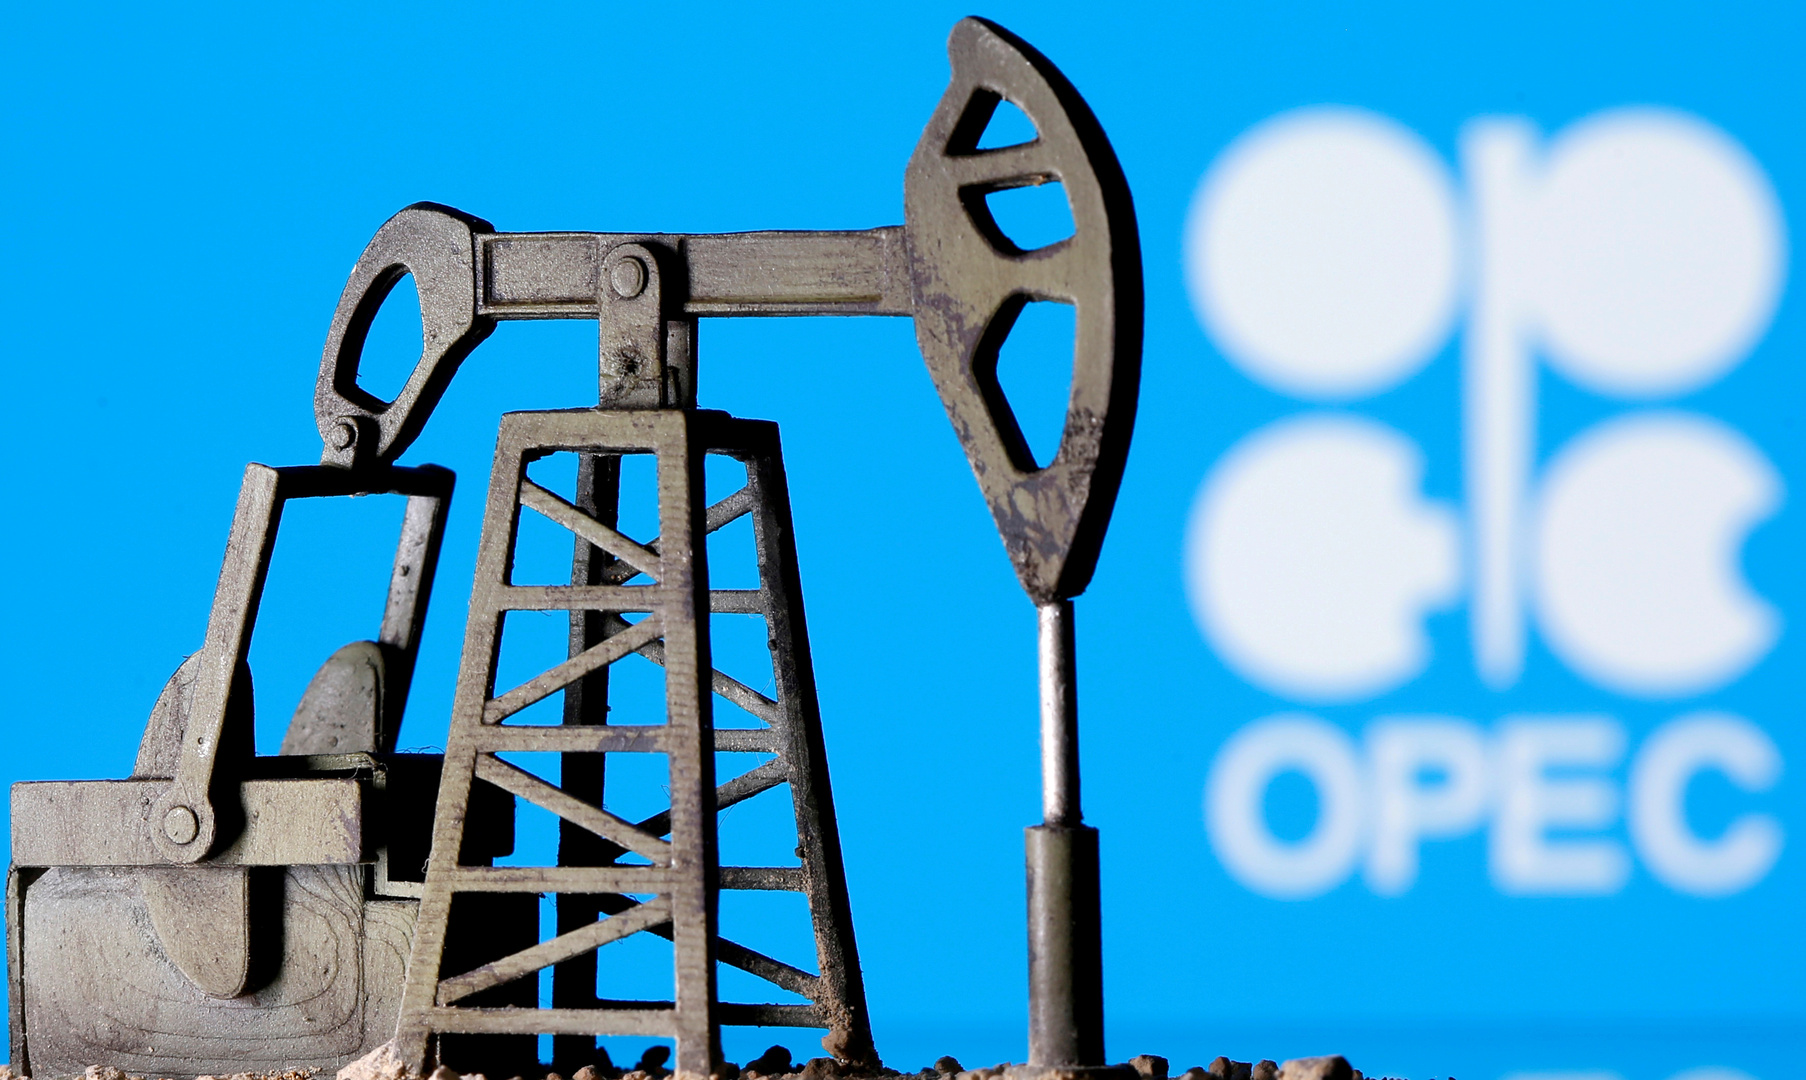 أسعار النفط: قد تضطر الرياض لبدء حرب أسعار مرة أخرى